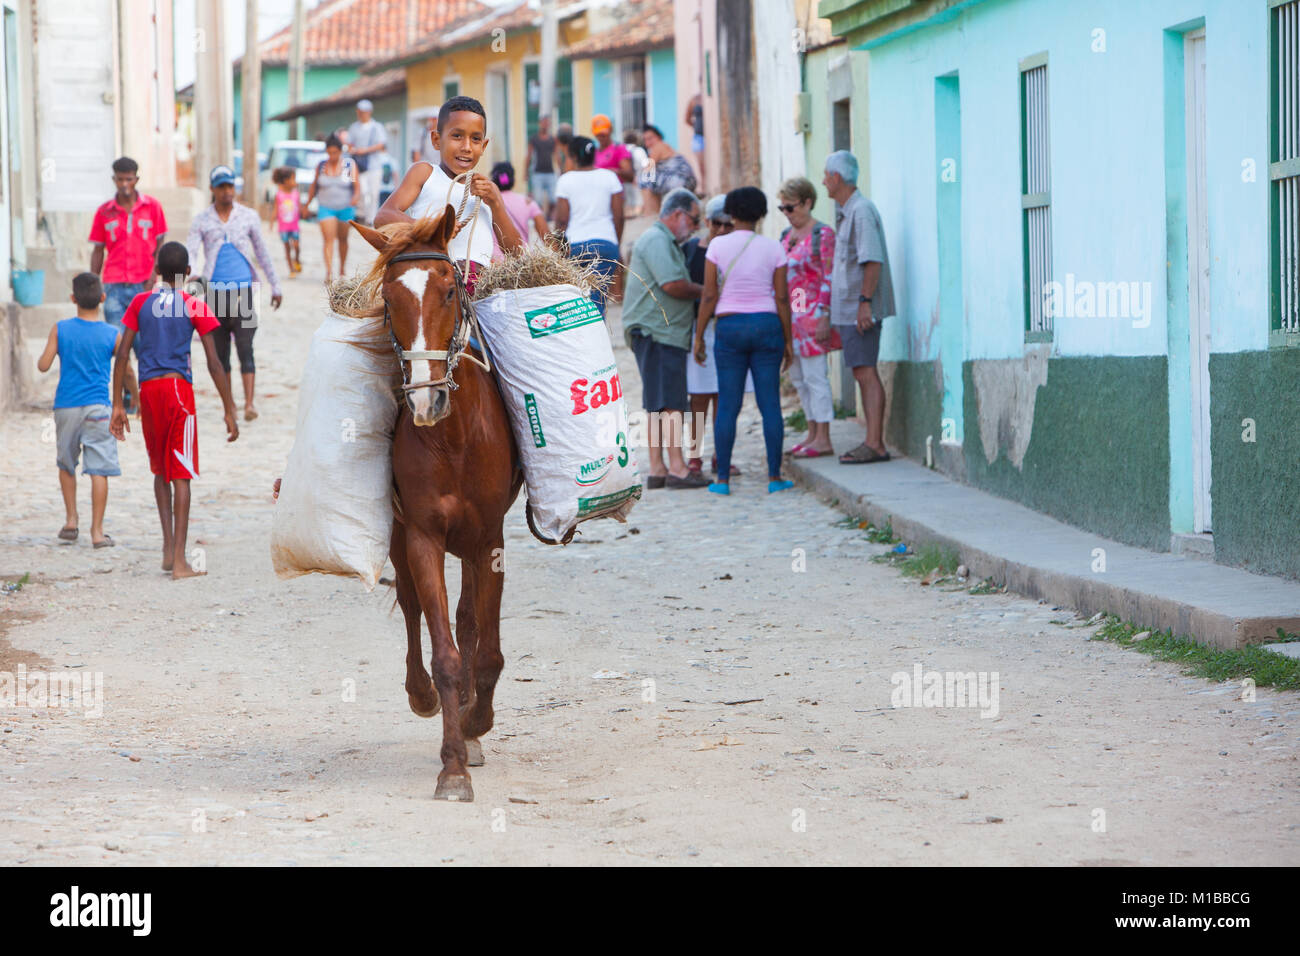 Boy on Horseback - Stock Image